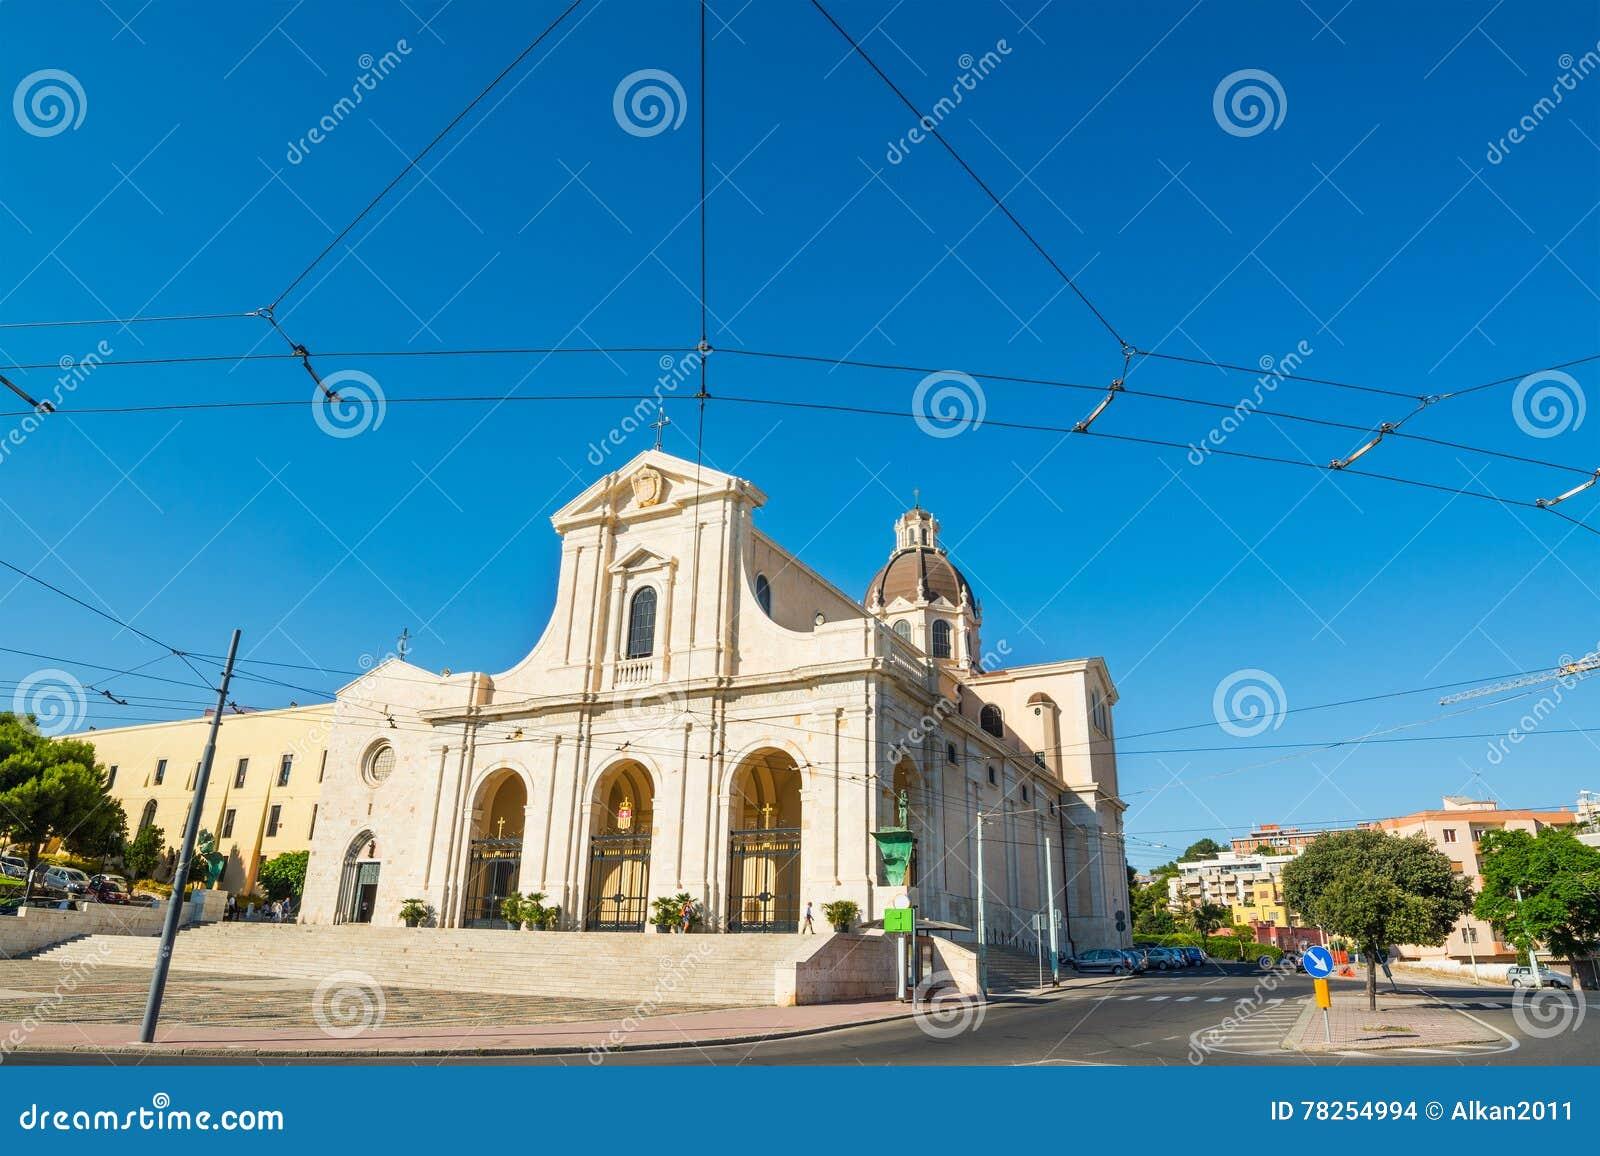 Καθεδρικός ναός Bonaria κάτω από έναν μπλε ουρανό